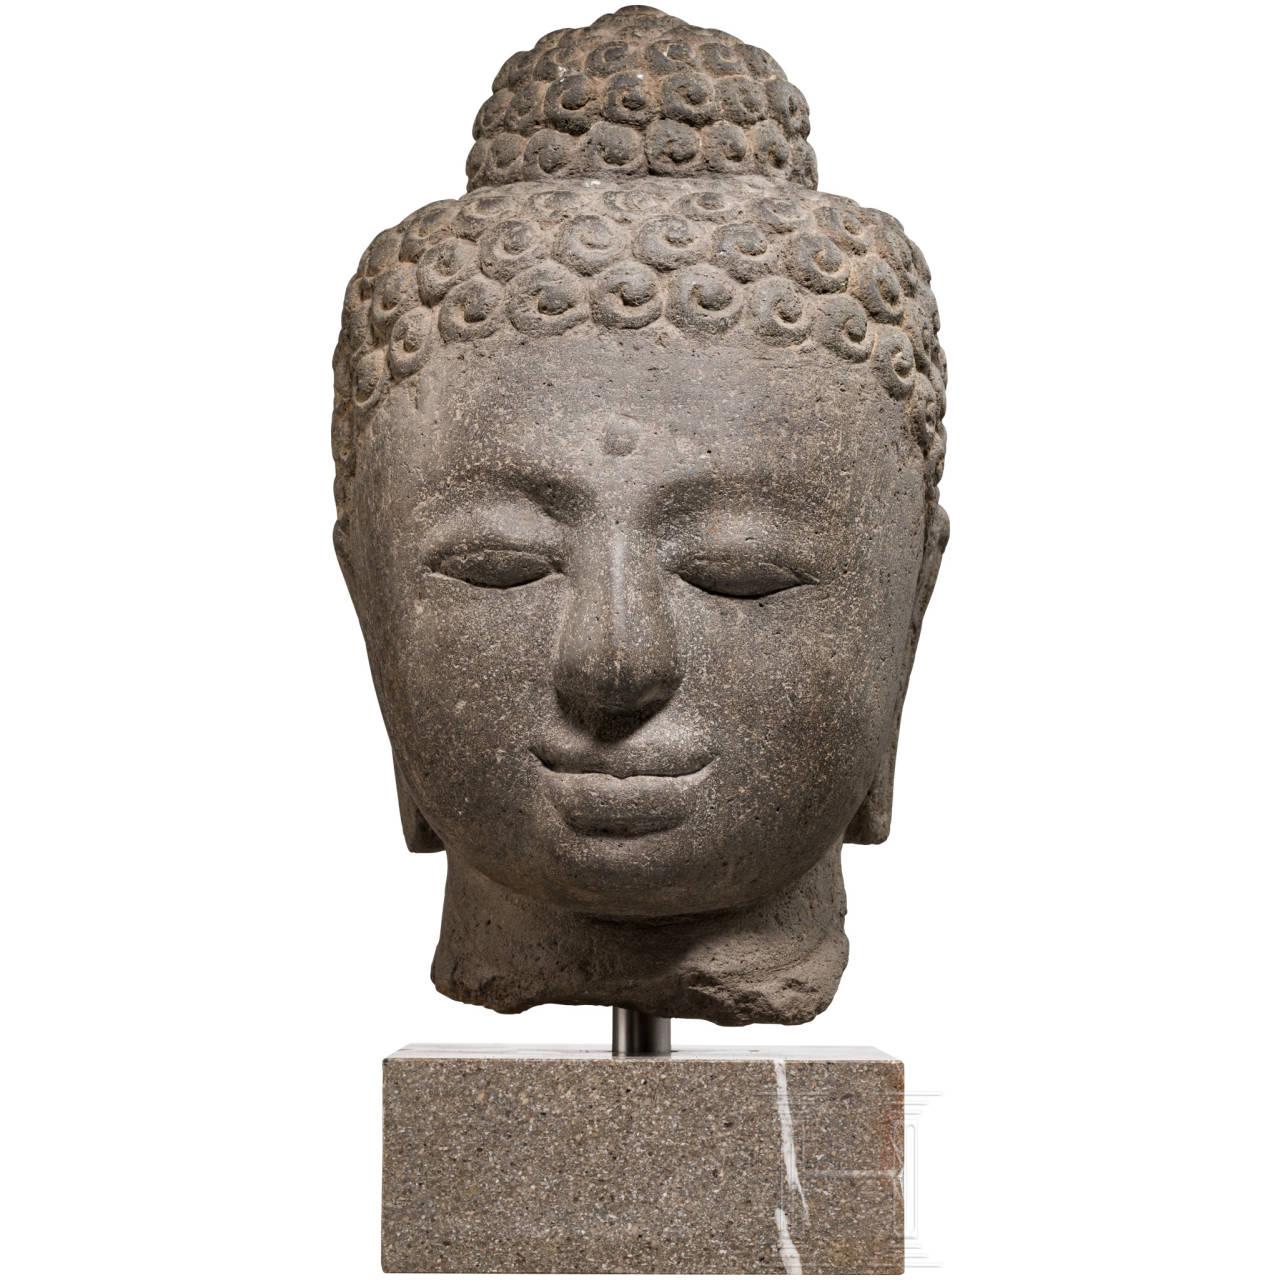 Großer Buddha-Kopf aus Vulkangestein, Borobudur/Java, 9. Jhdt.